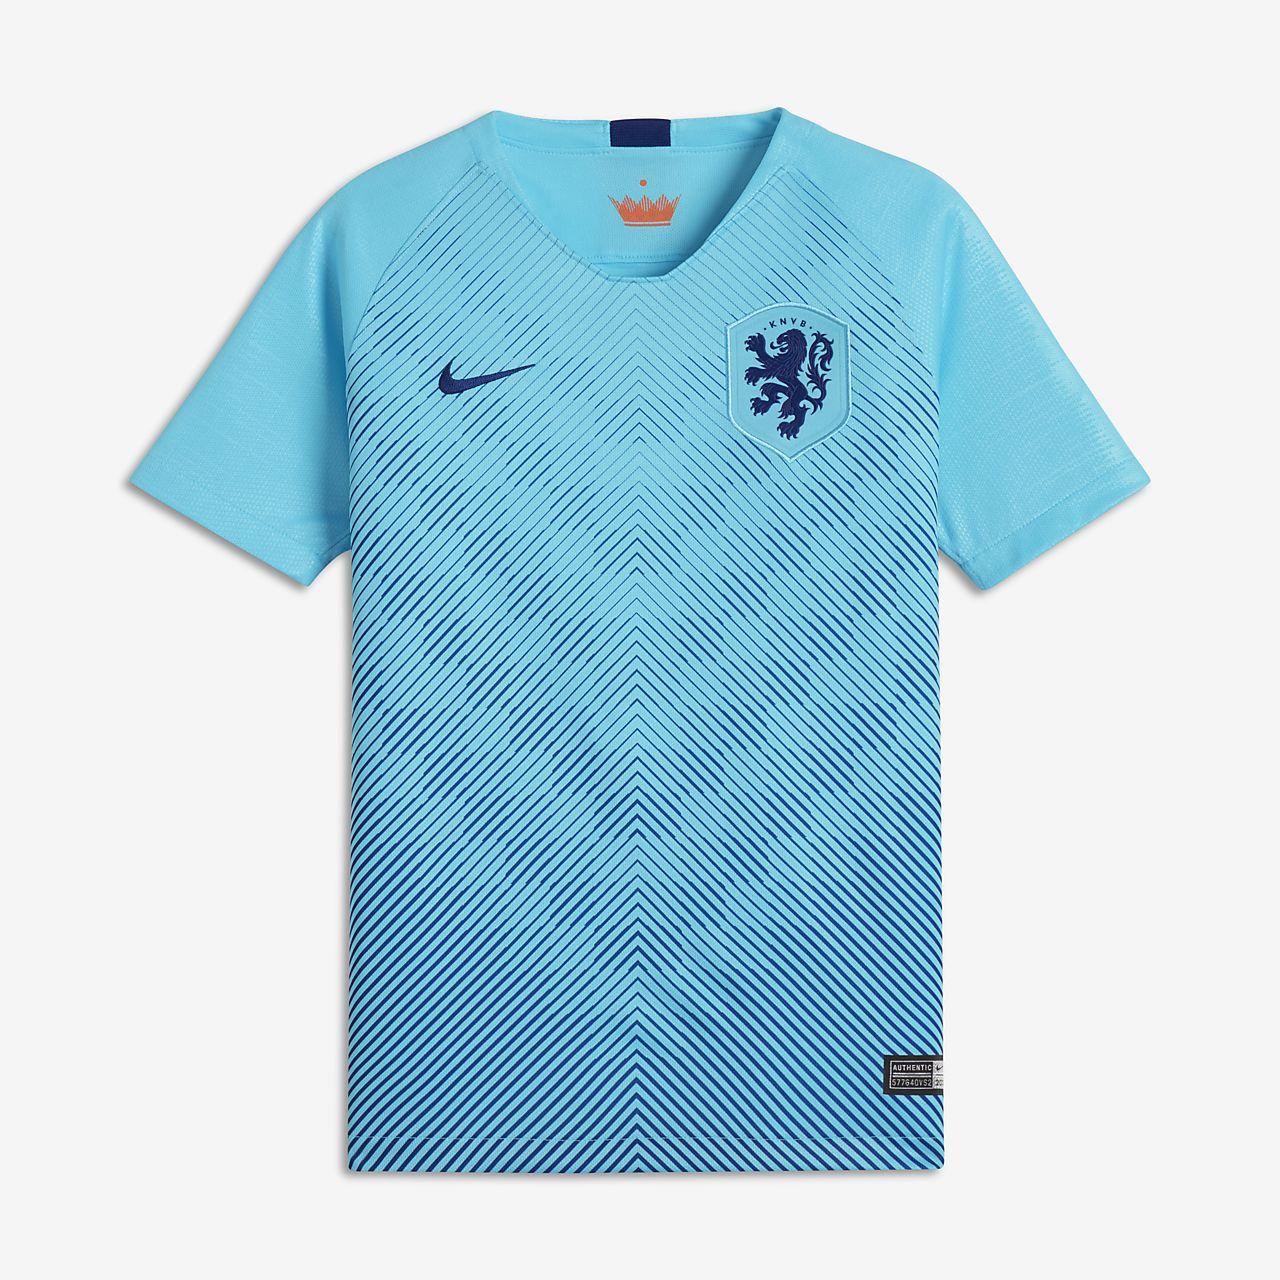 2018 Netherlands Stadium Away-fodboldtrøje til store børn